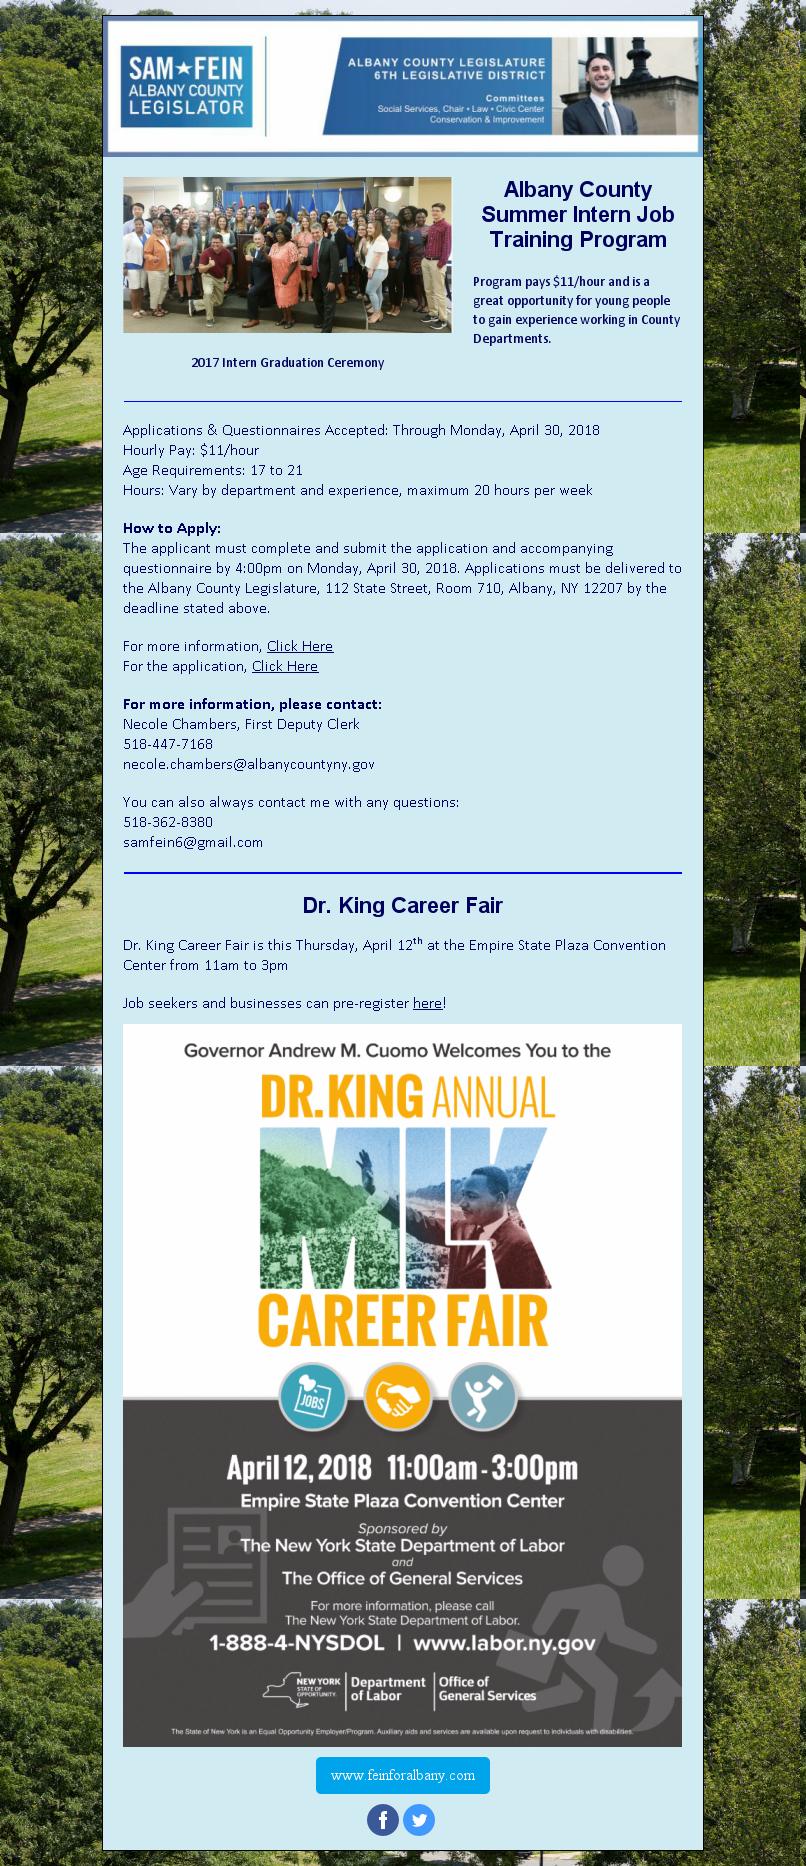 Summer Internship Program and Dr. King Job Fair